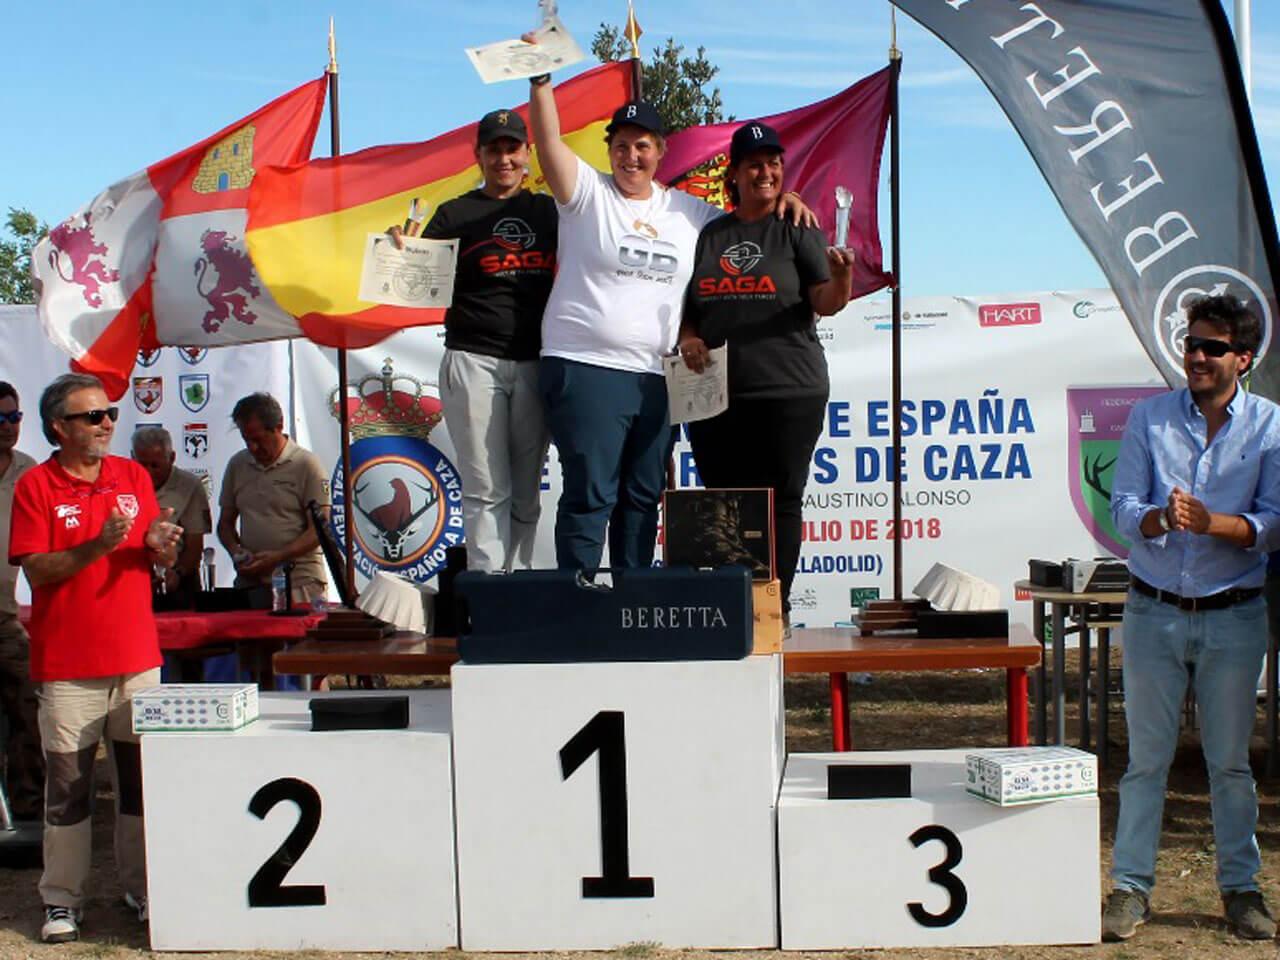 Podium Mujeres Campeonato de España Recorridos de Caza 2018